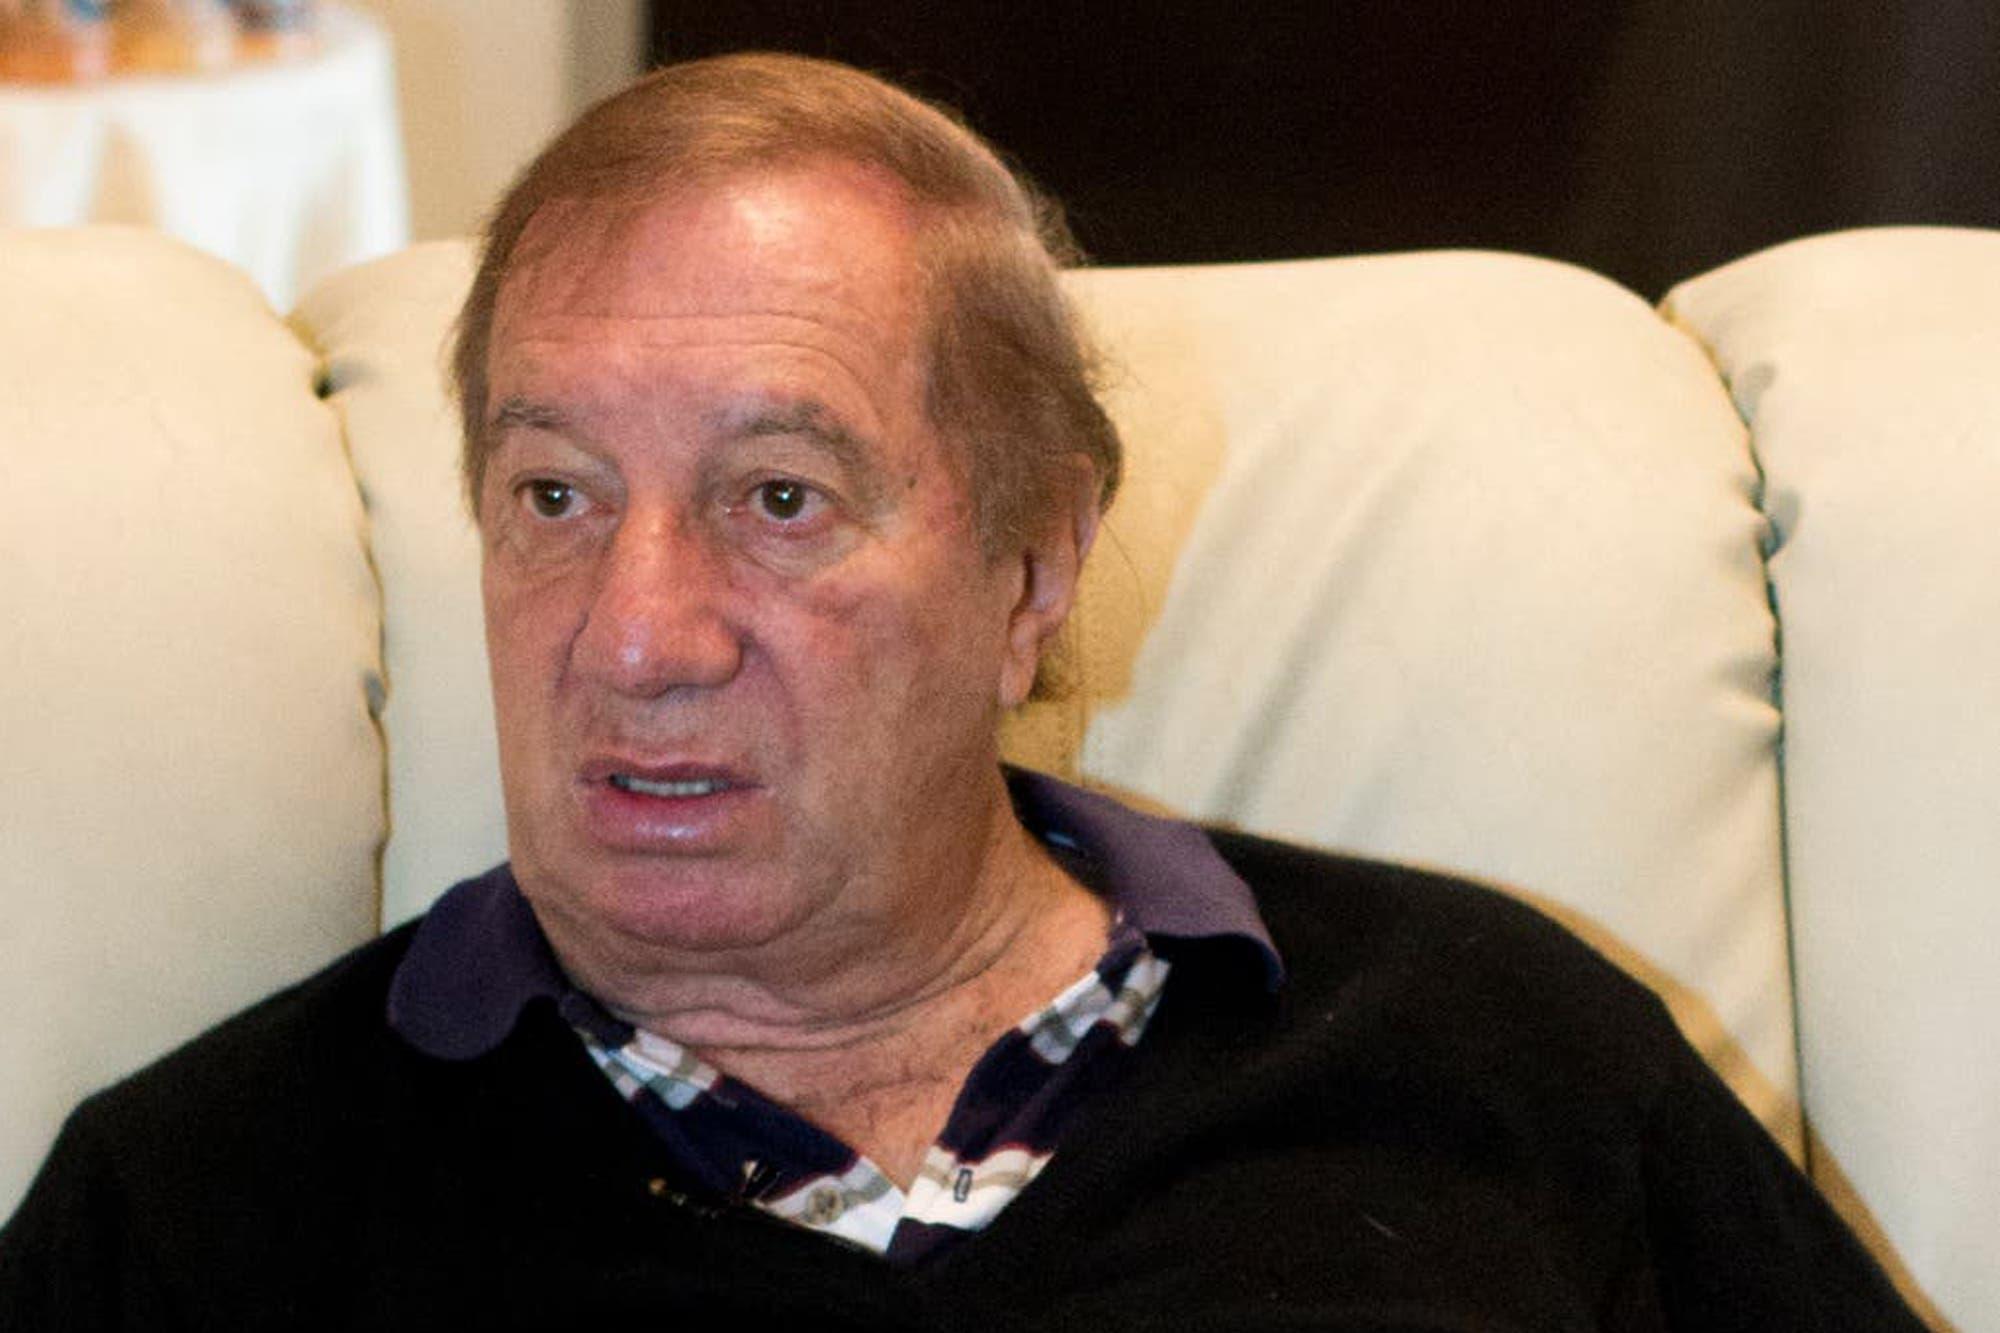 La salud de Carlos Bilardo: ensayó una mejoría, pero continúa en terapia intensiva